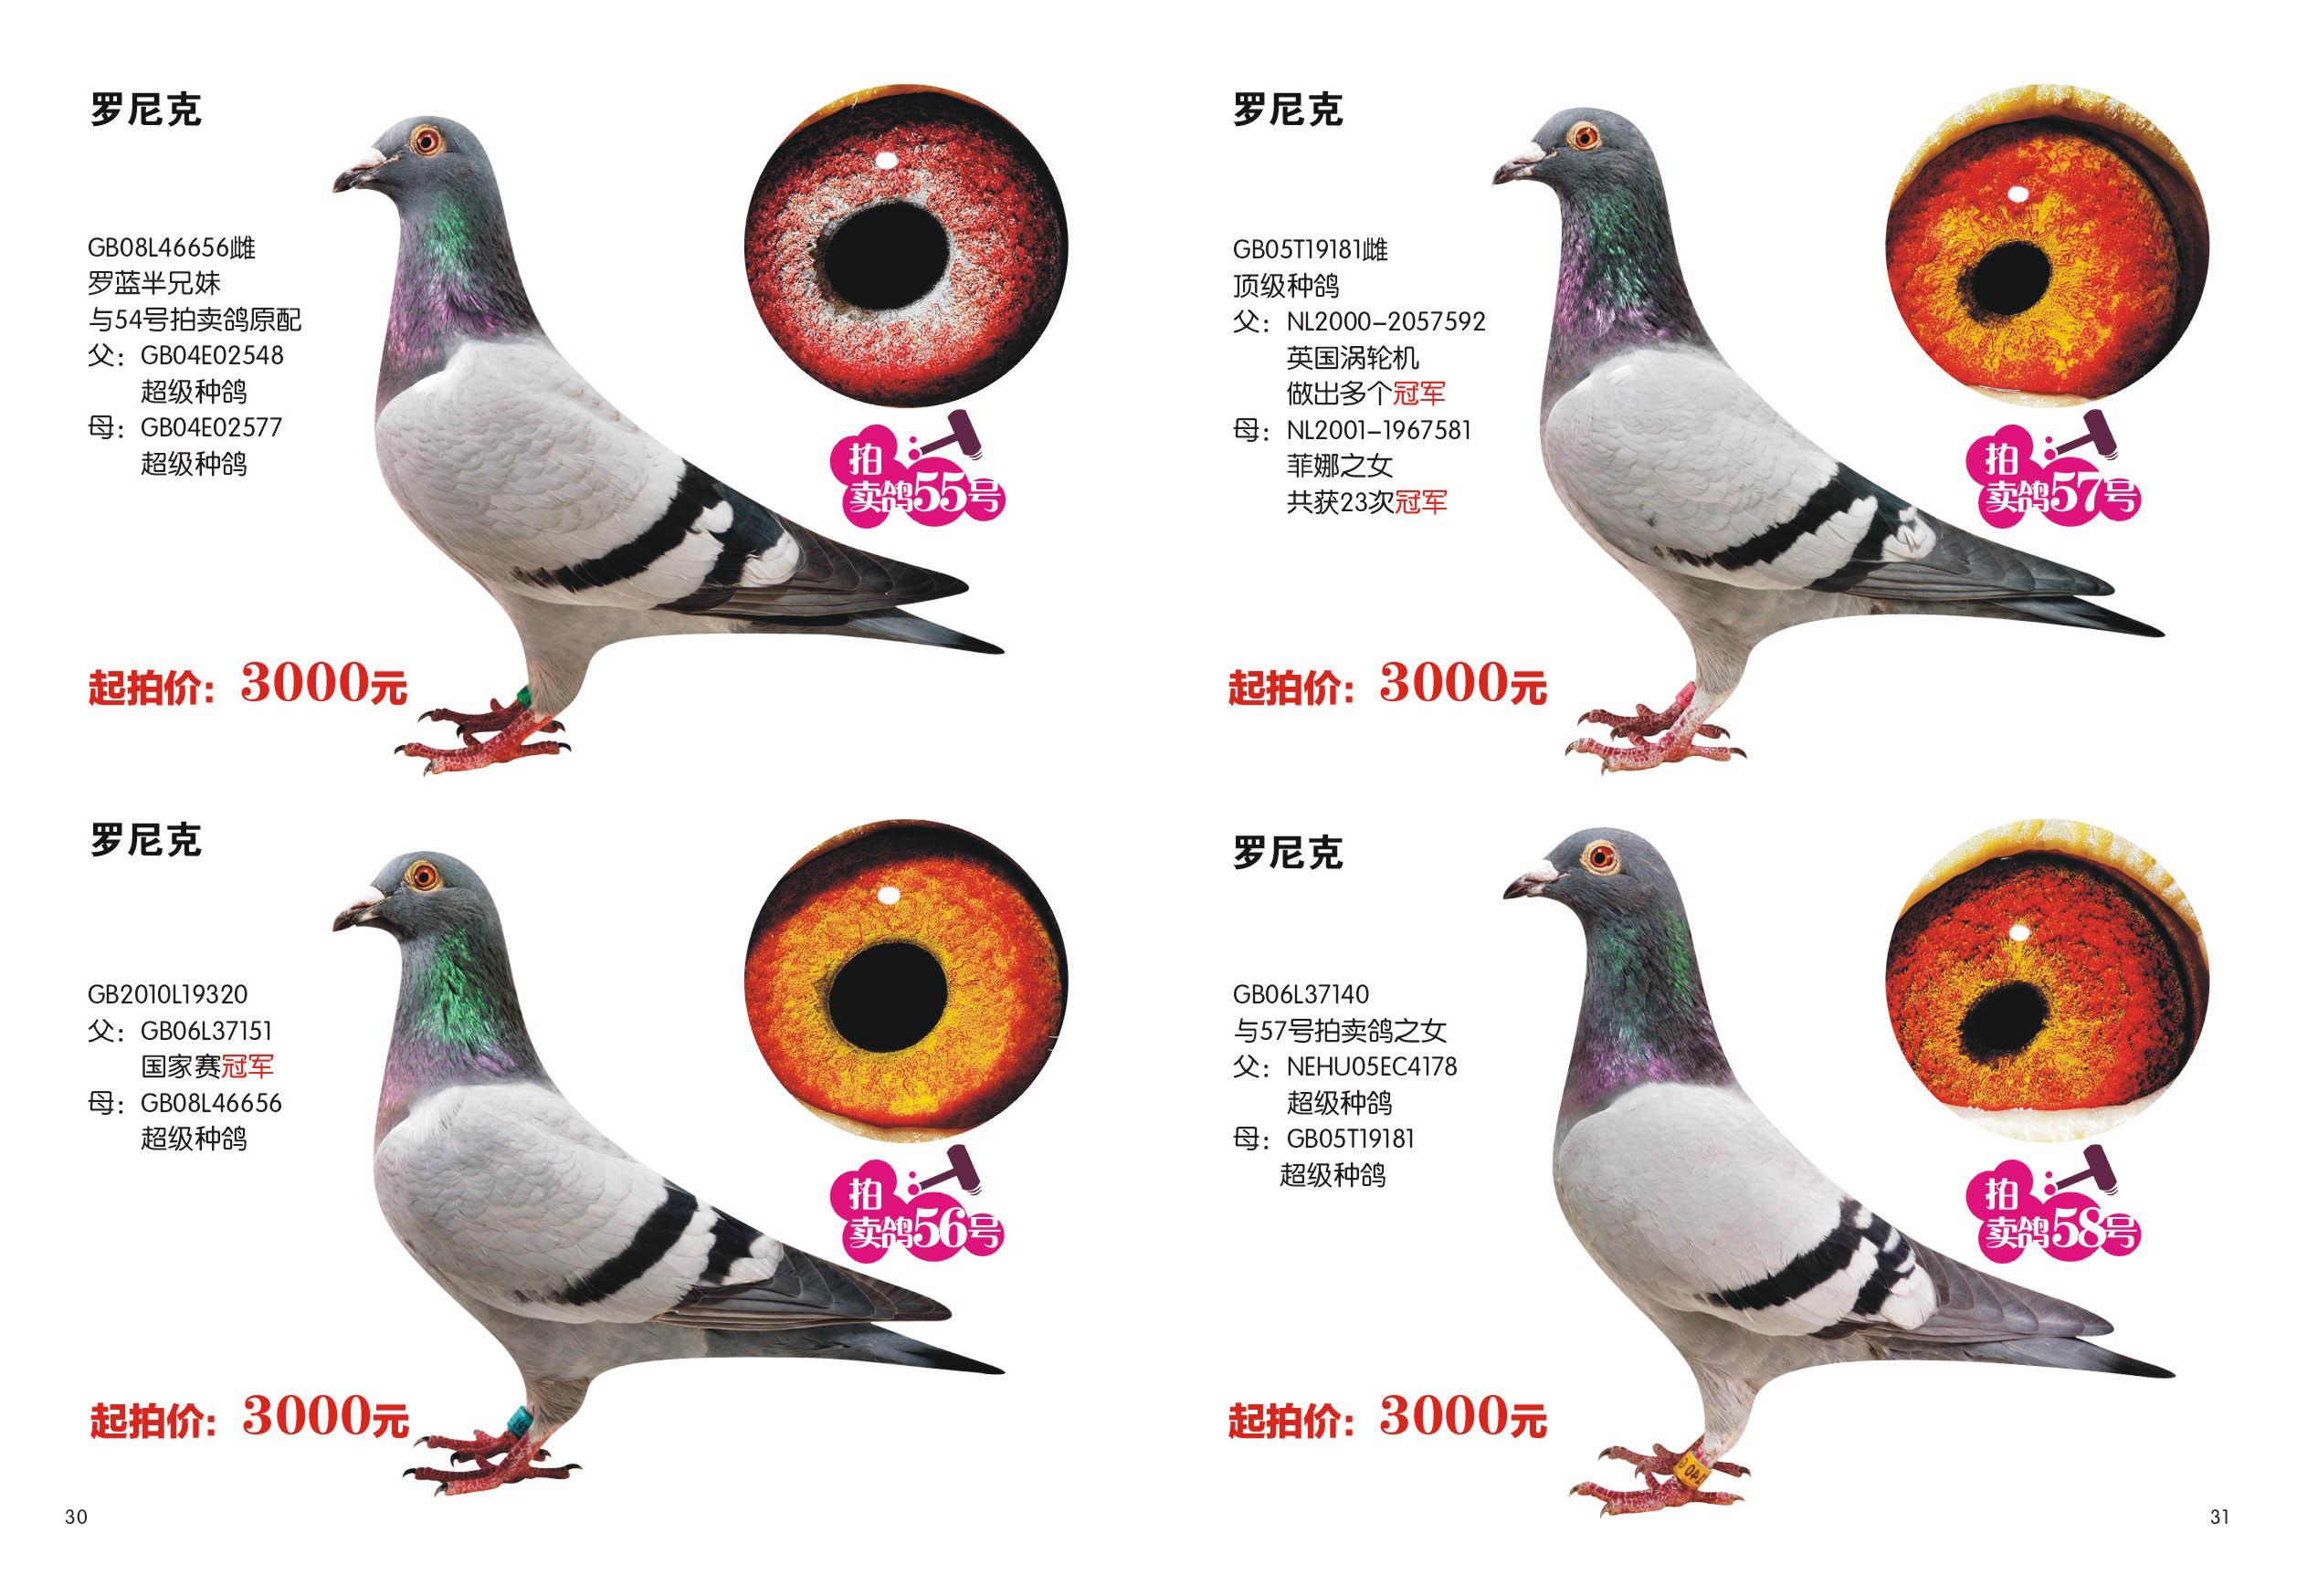 信鸽特征-罗尼克30 31 邓文敏鸽舍